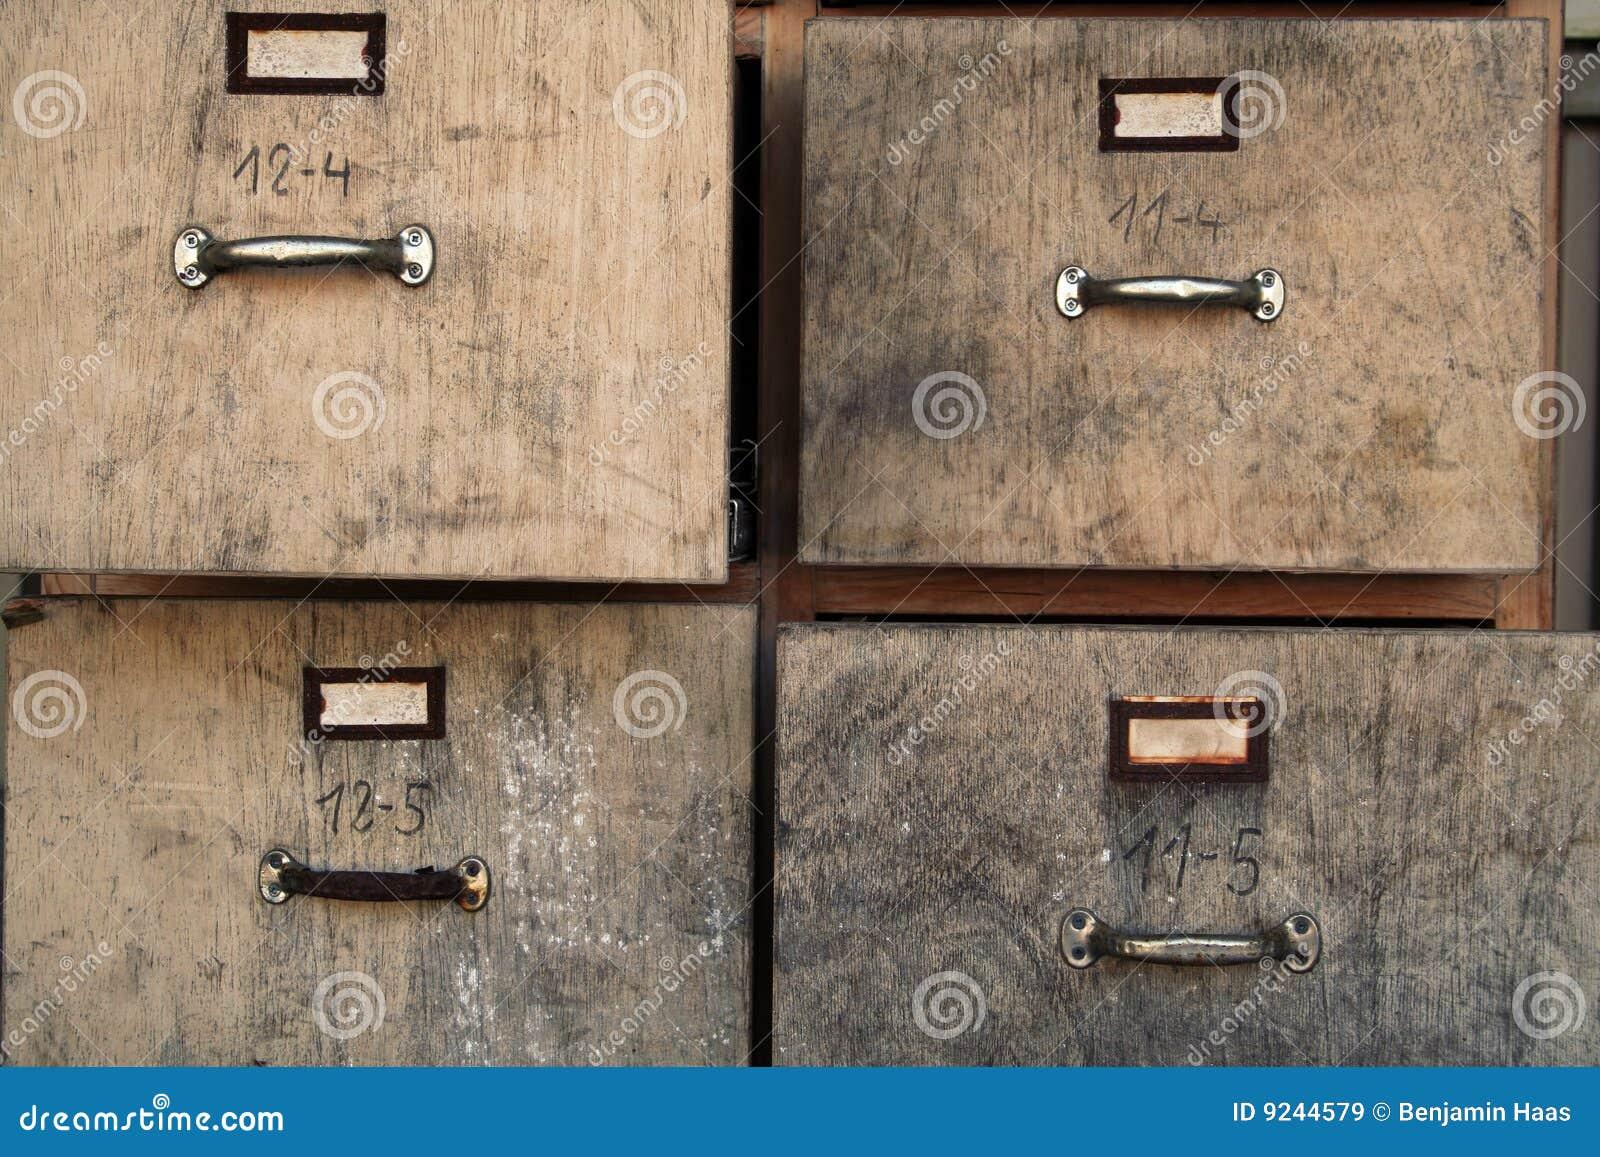 oude archiefkast royalty vrije stock afbeeldingen beeld 9244579. Black Bedroom Furniture Sets. Home Design Ideas